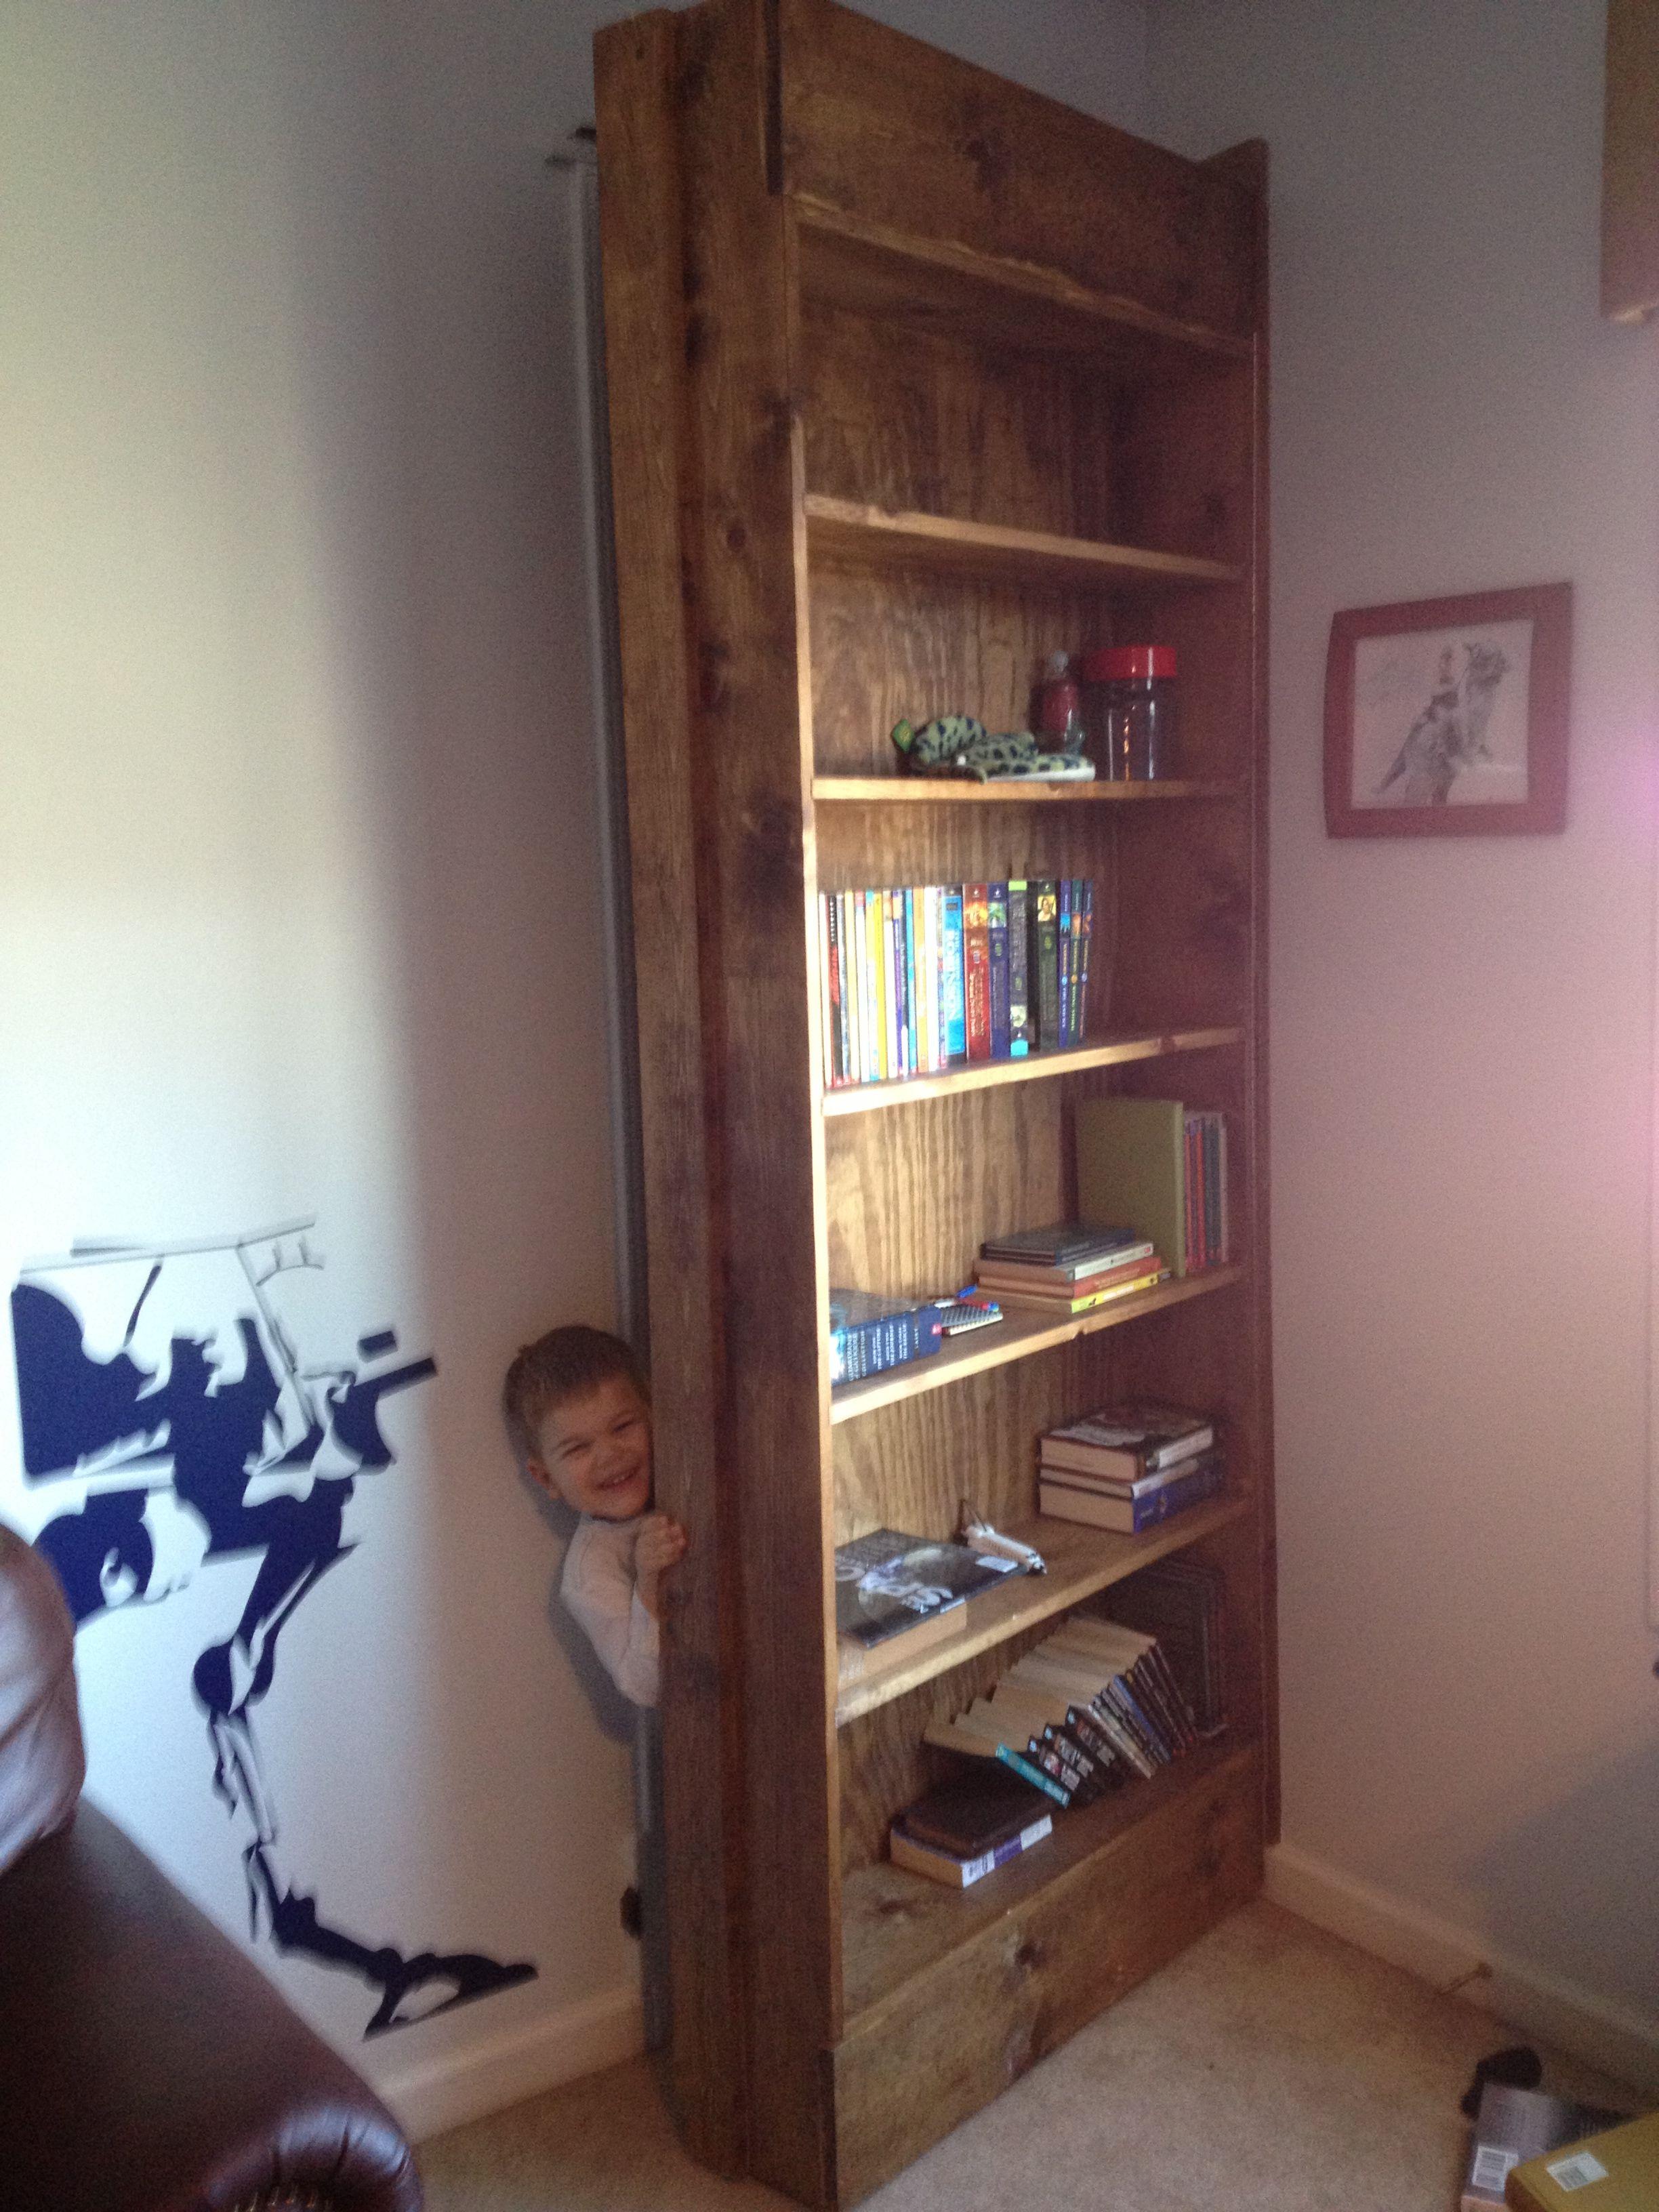 Bookshelf Door That Leads To A Secret Passage Way